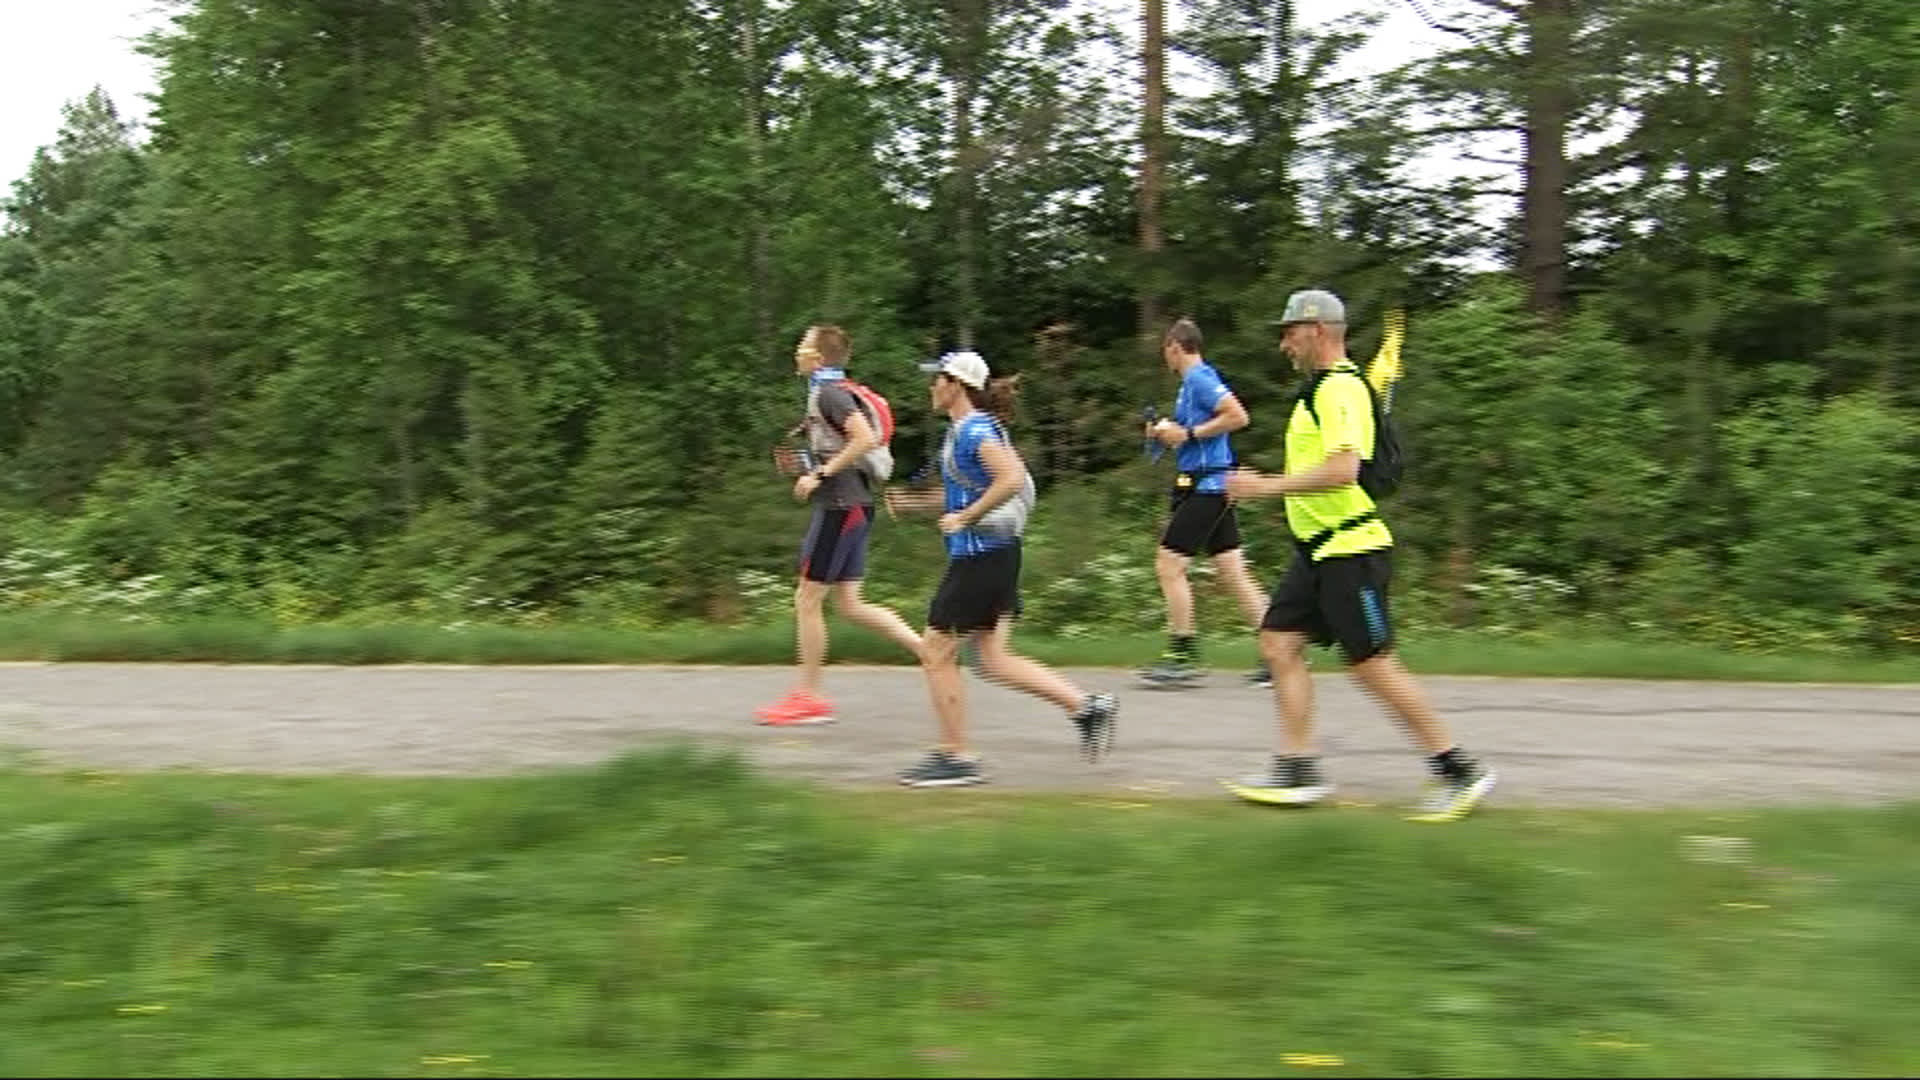 Suomi 100 -juoksijoita Rovaniemellä matkalla kohti Helsinkiä.